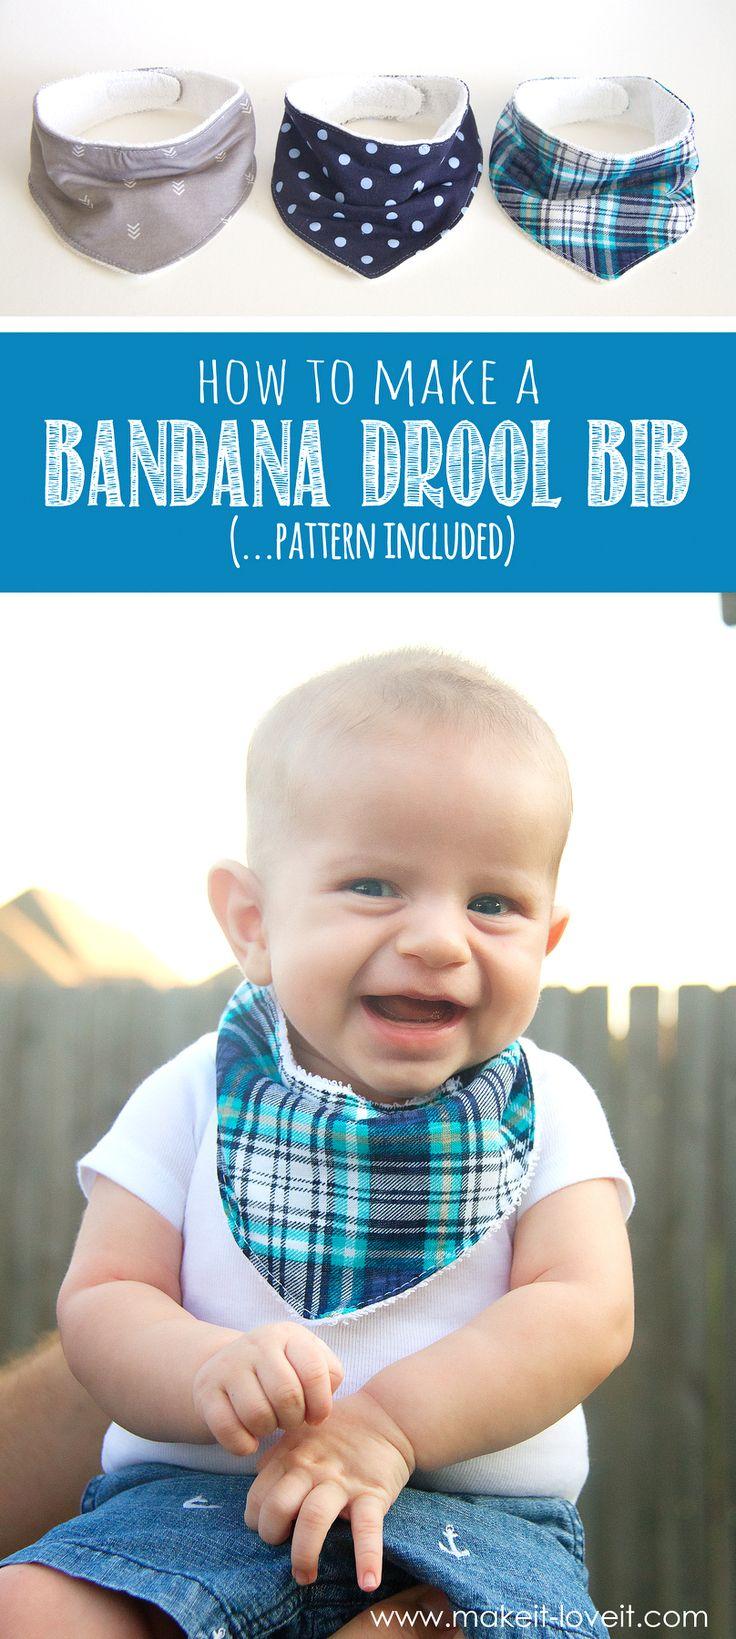 DIY Bandana Drool Bib (...pattern included) | via www.makeit-loveit.com